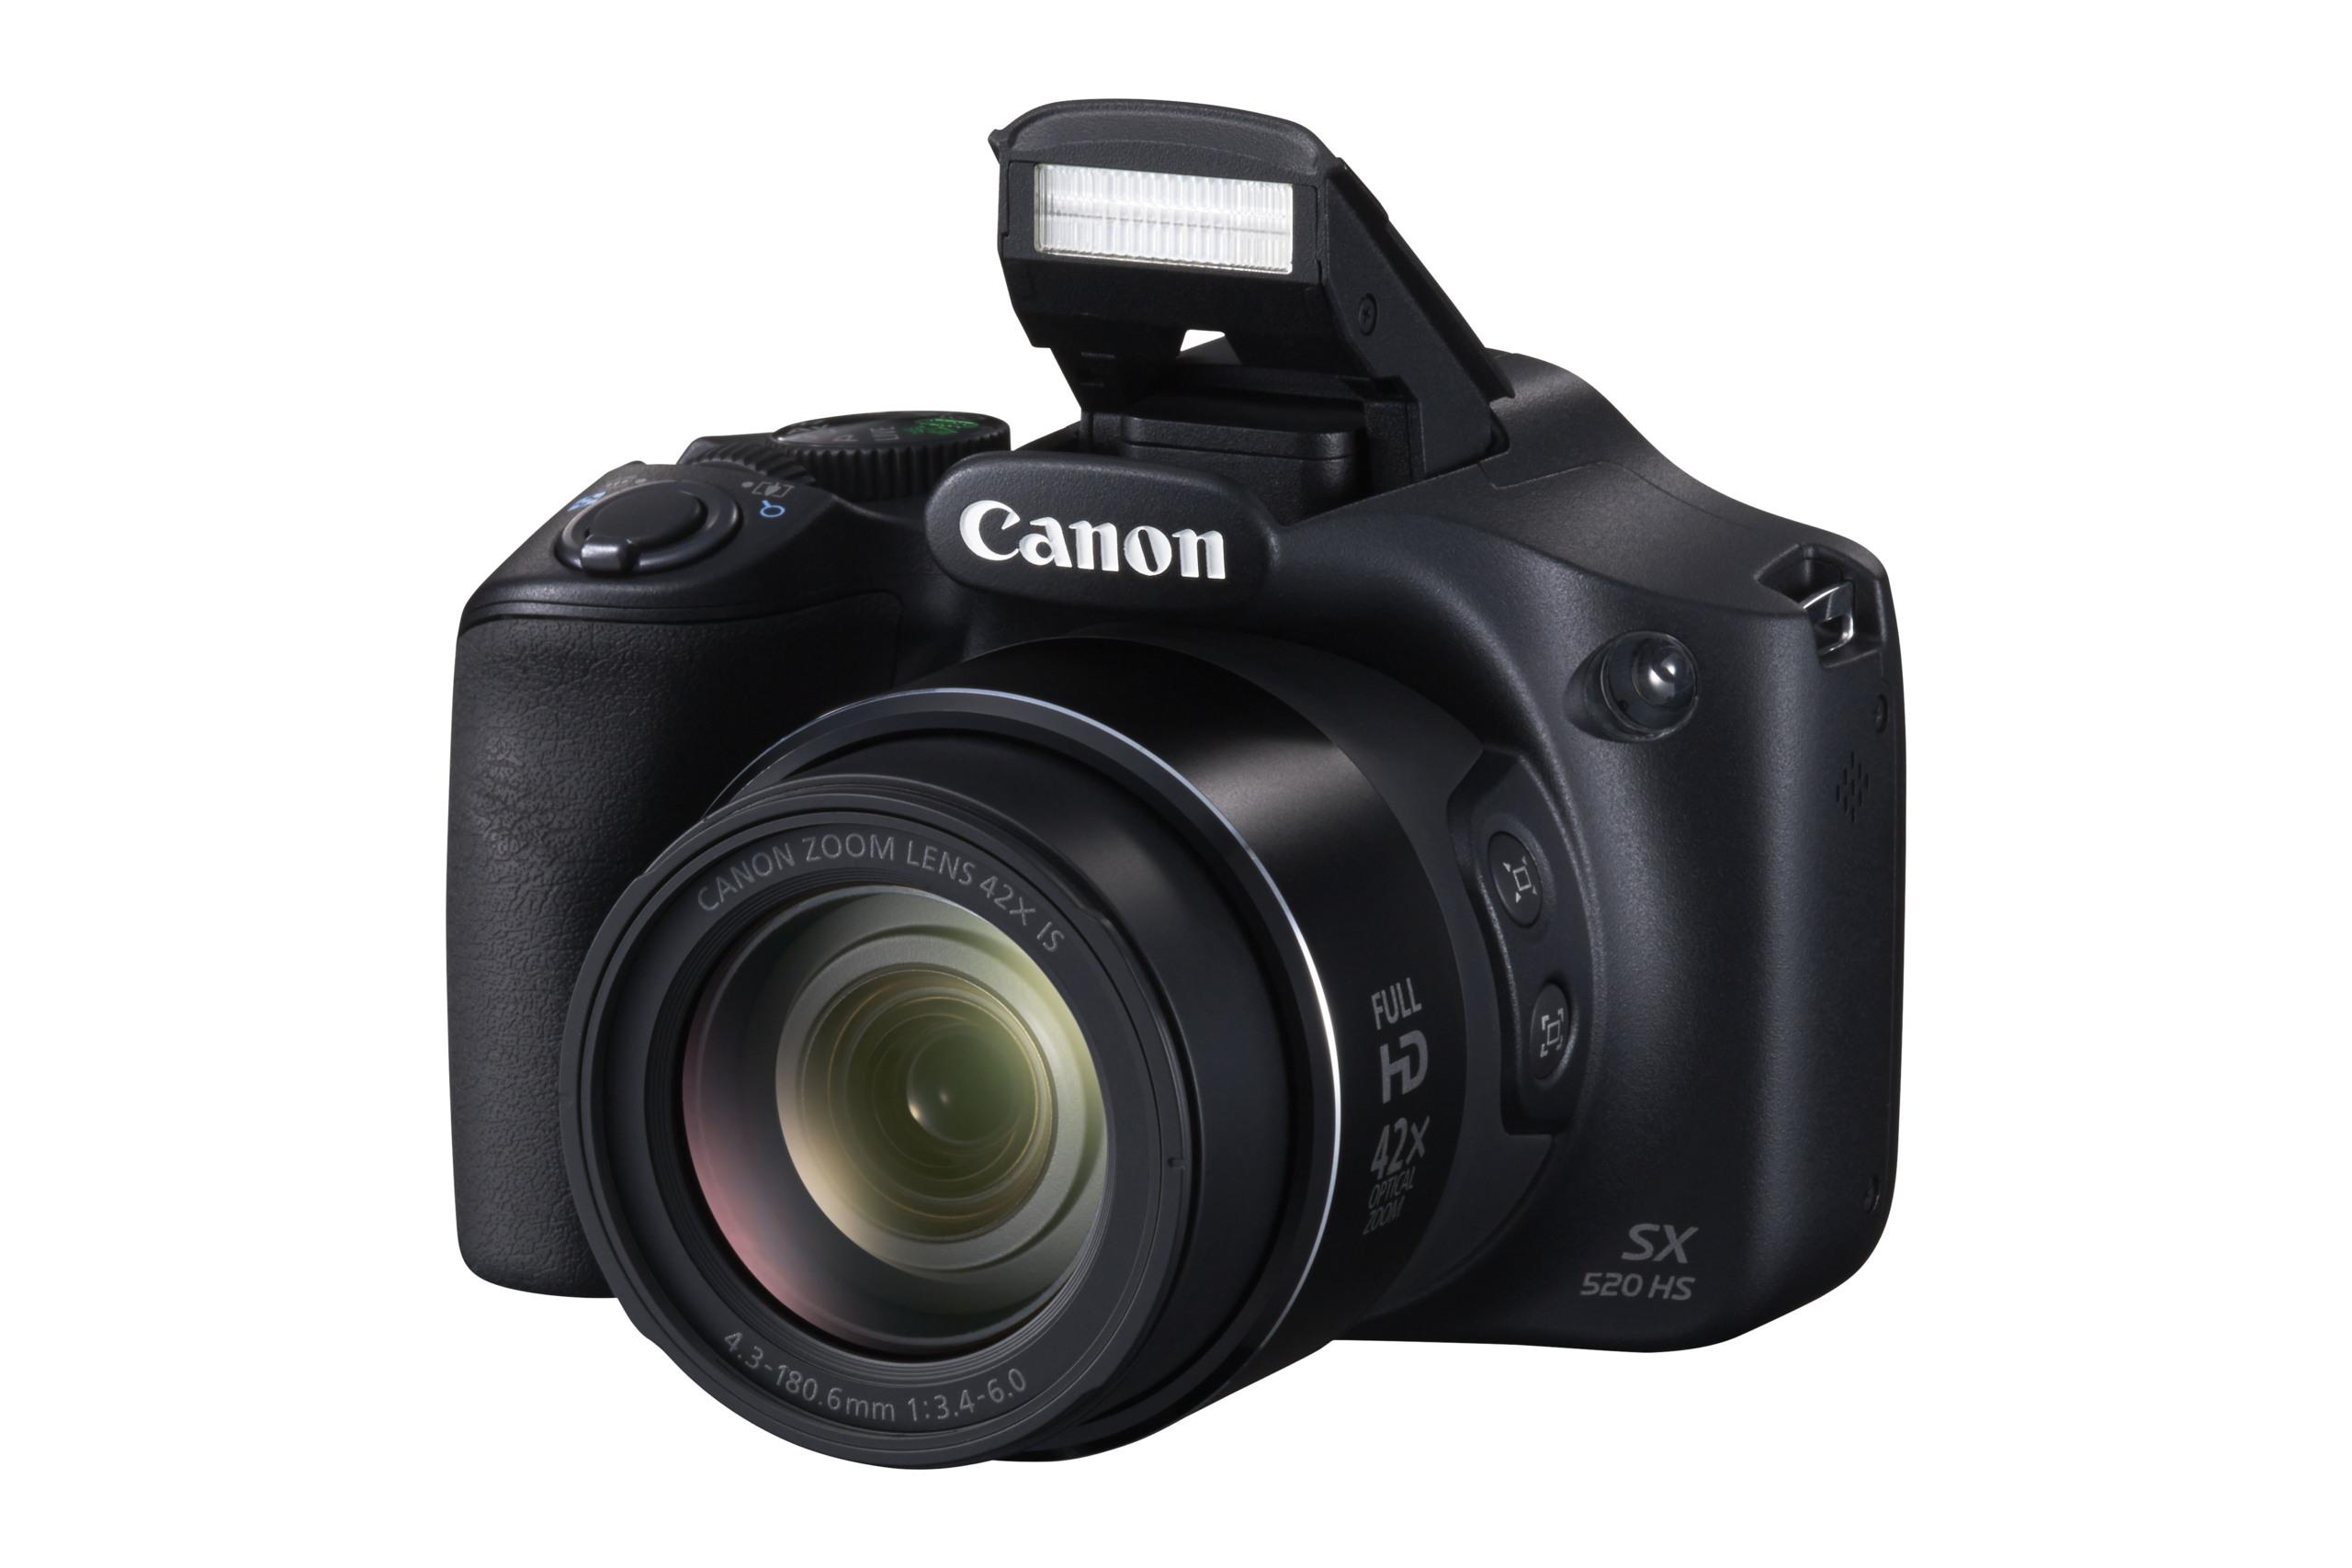 Foto de Canon PowerShot SX 520 HS y Canon Powershot SX400 IS (8/9)